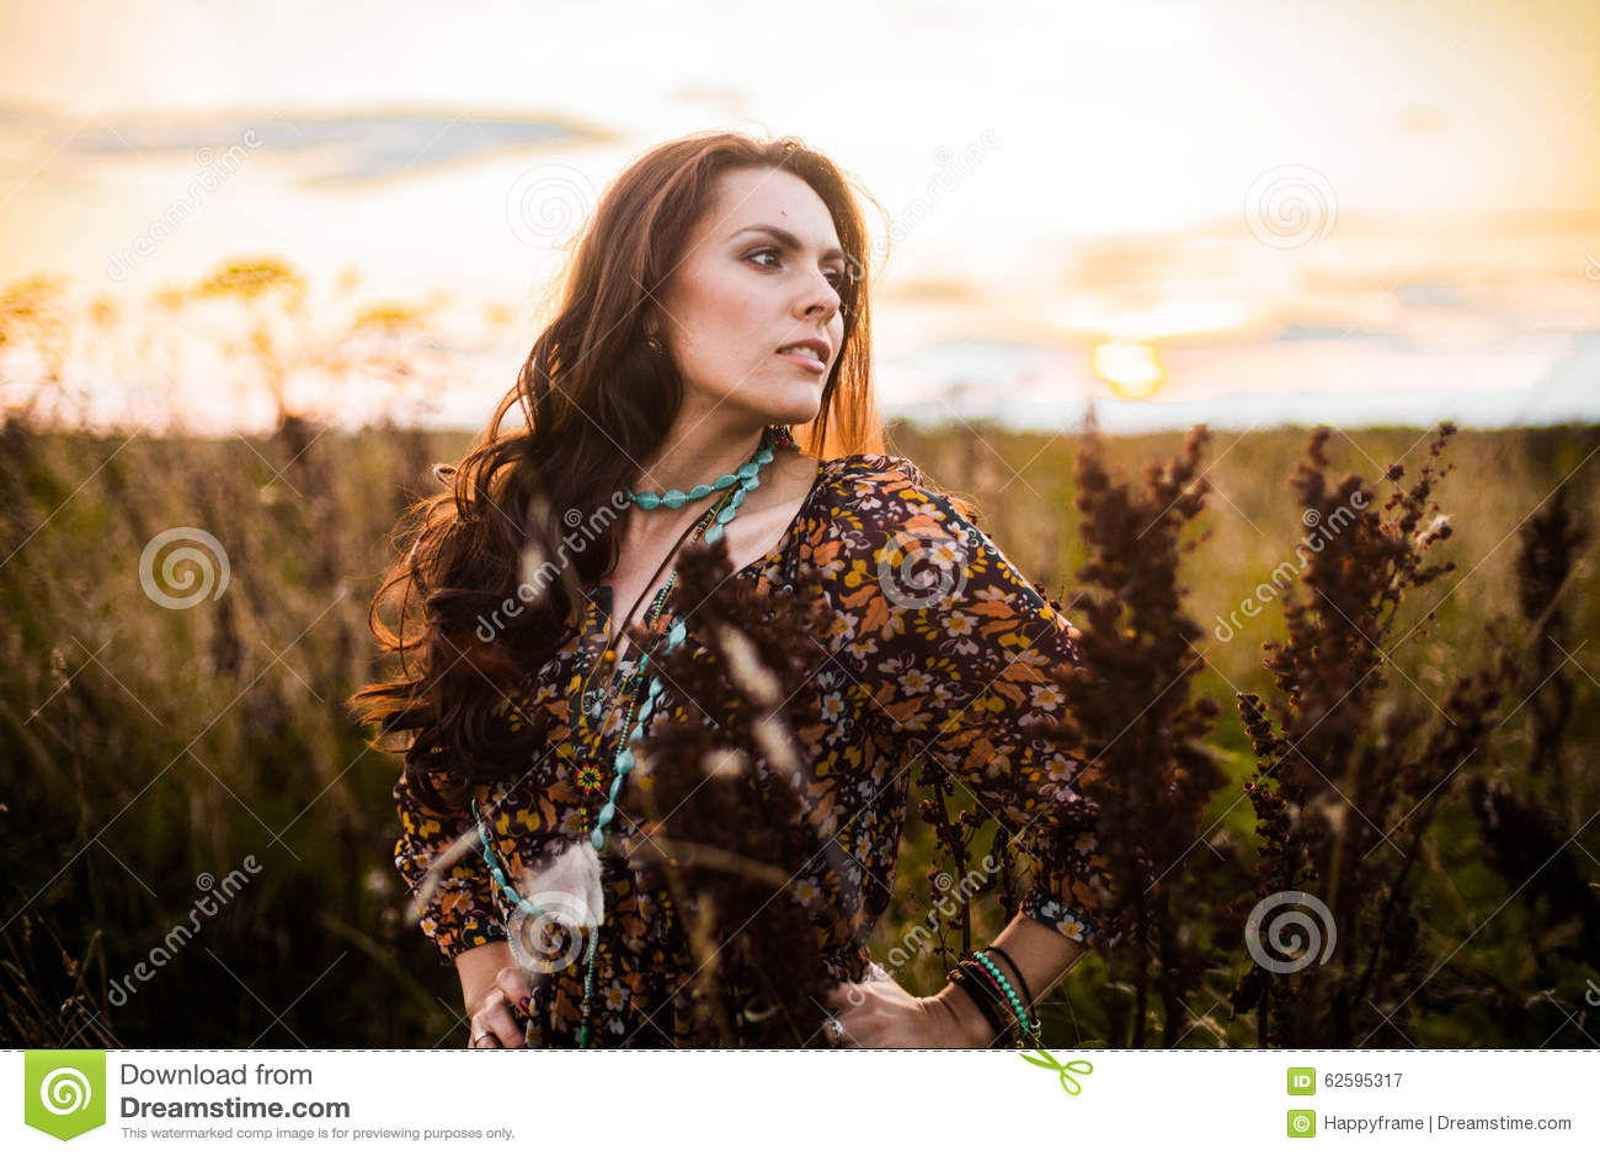 Boho woman in field